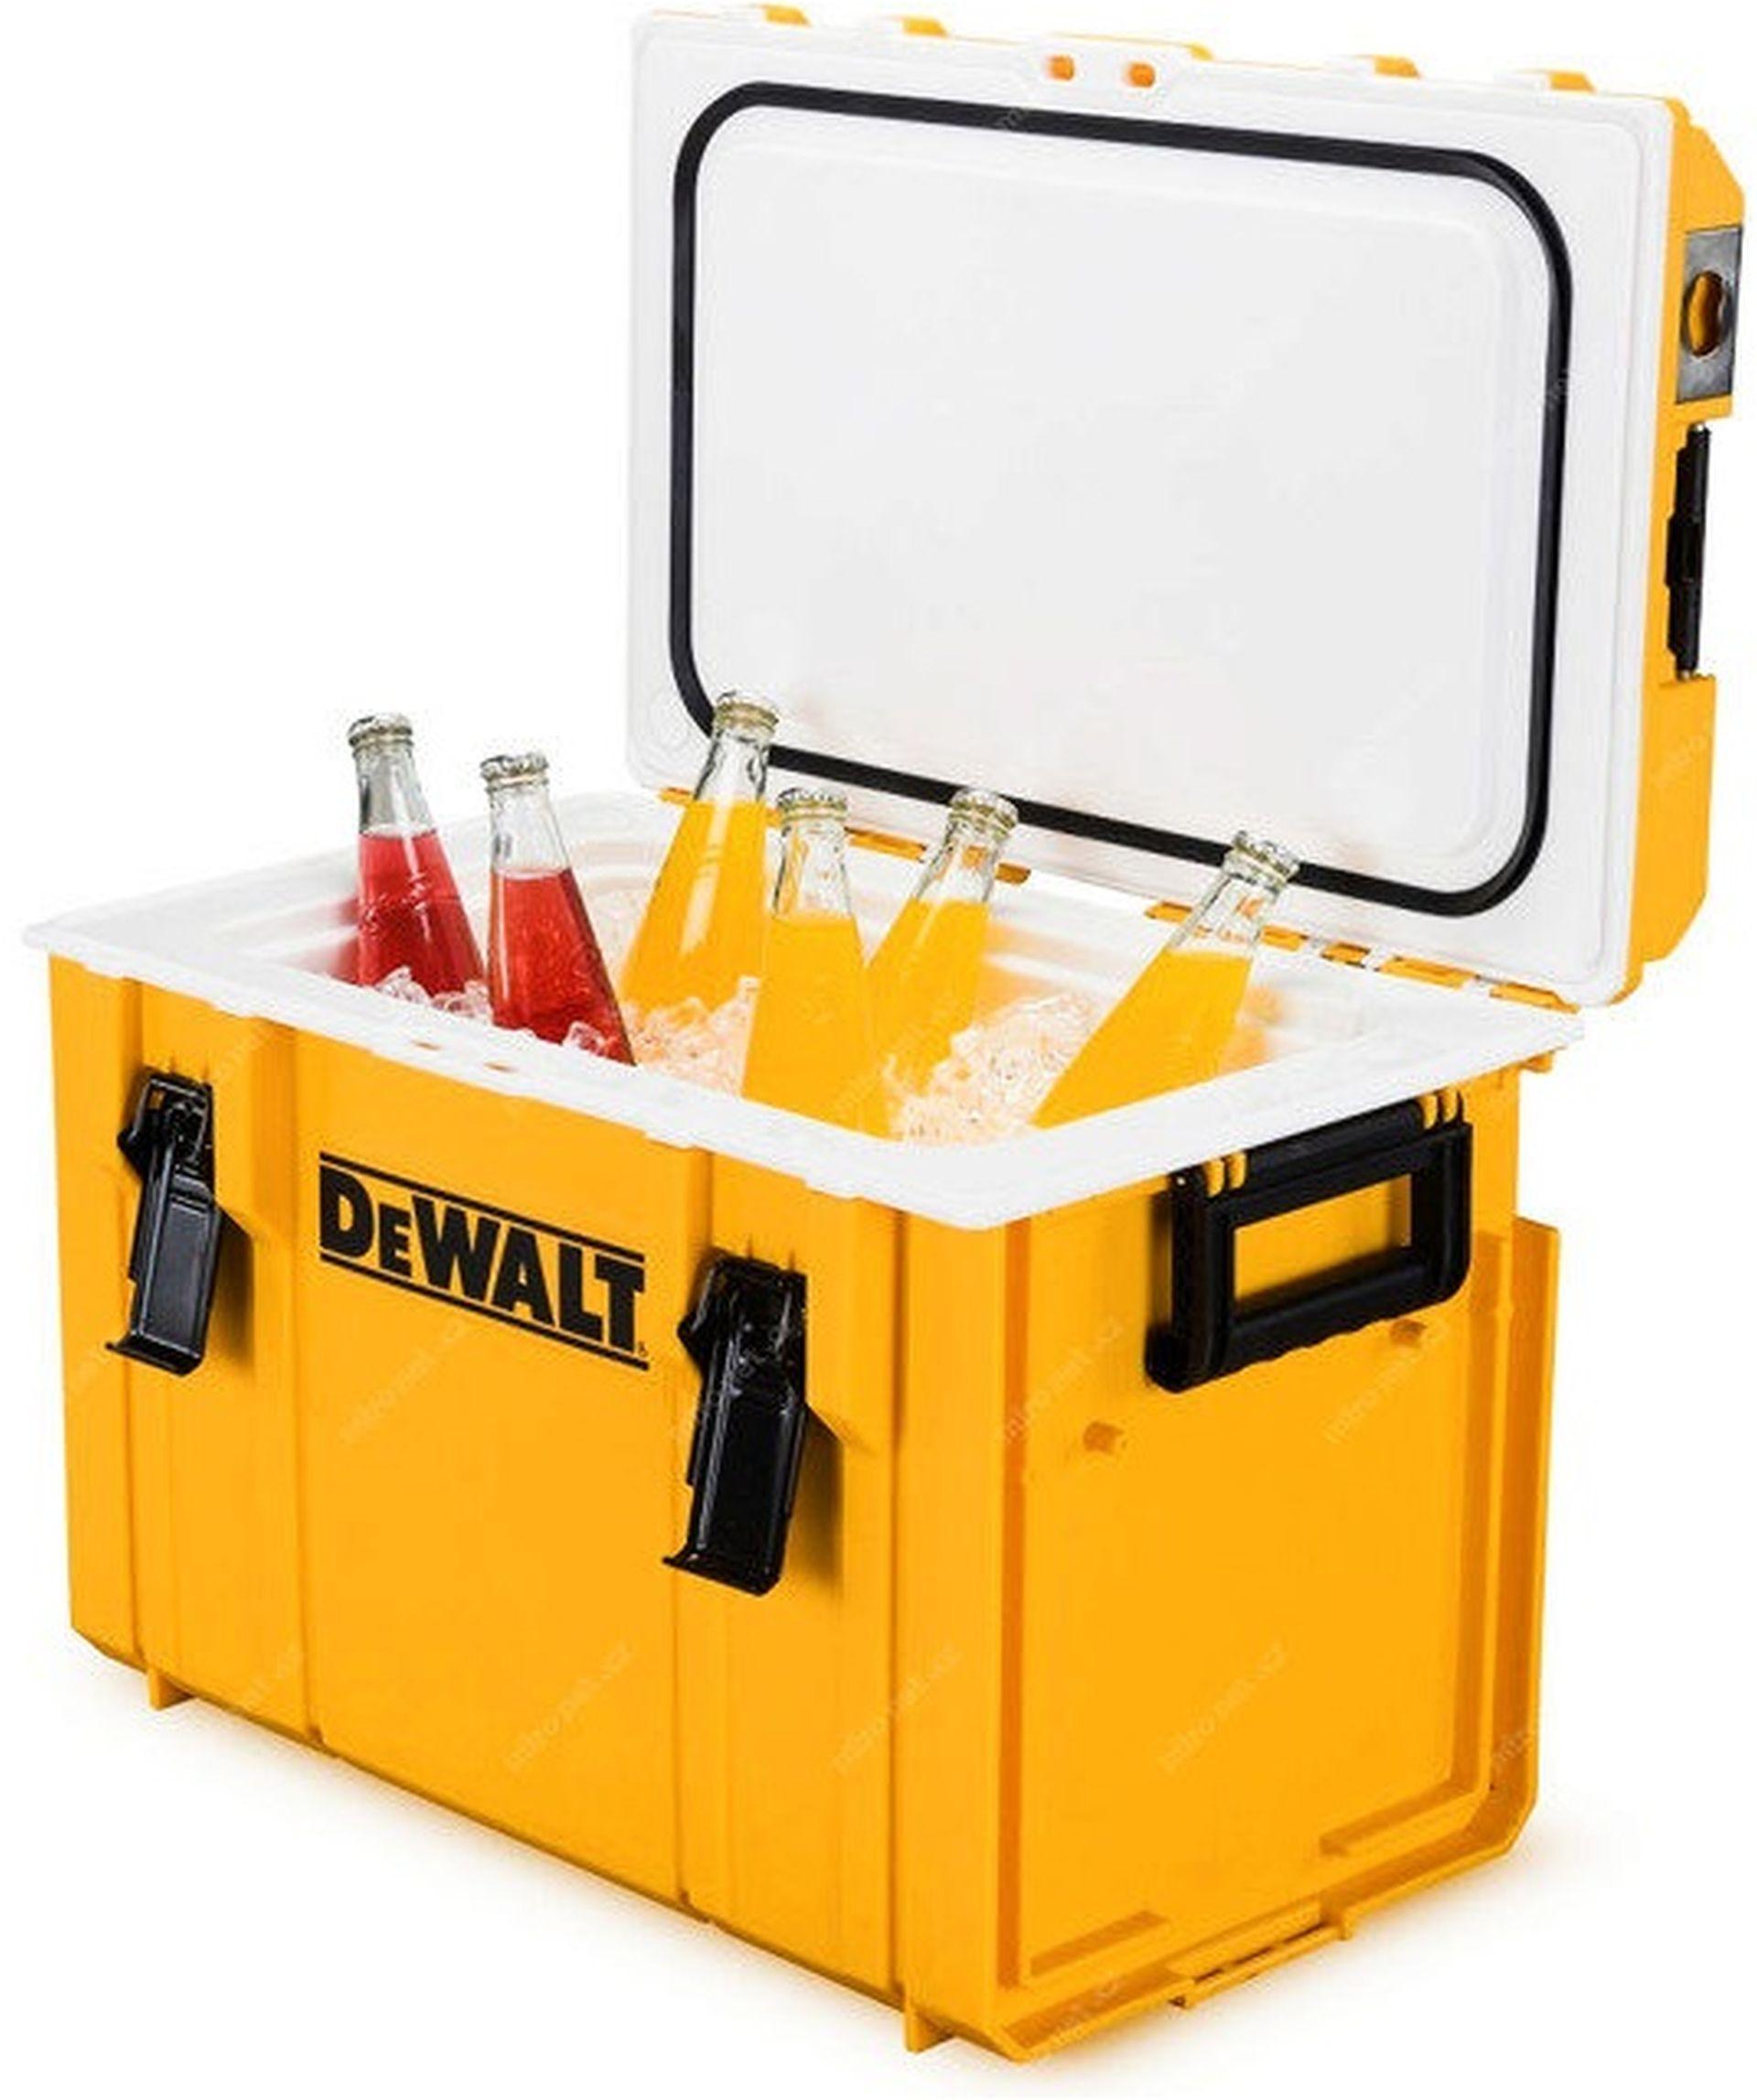 DeWALT chladící box ToughSystem DS404 objem 25,5l DWST1-81333